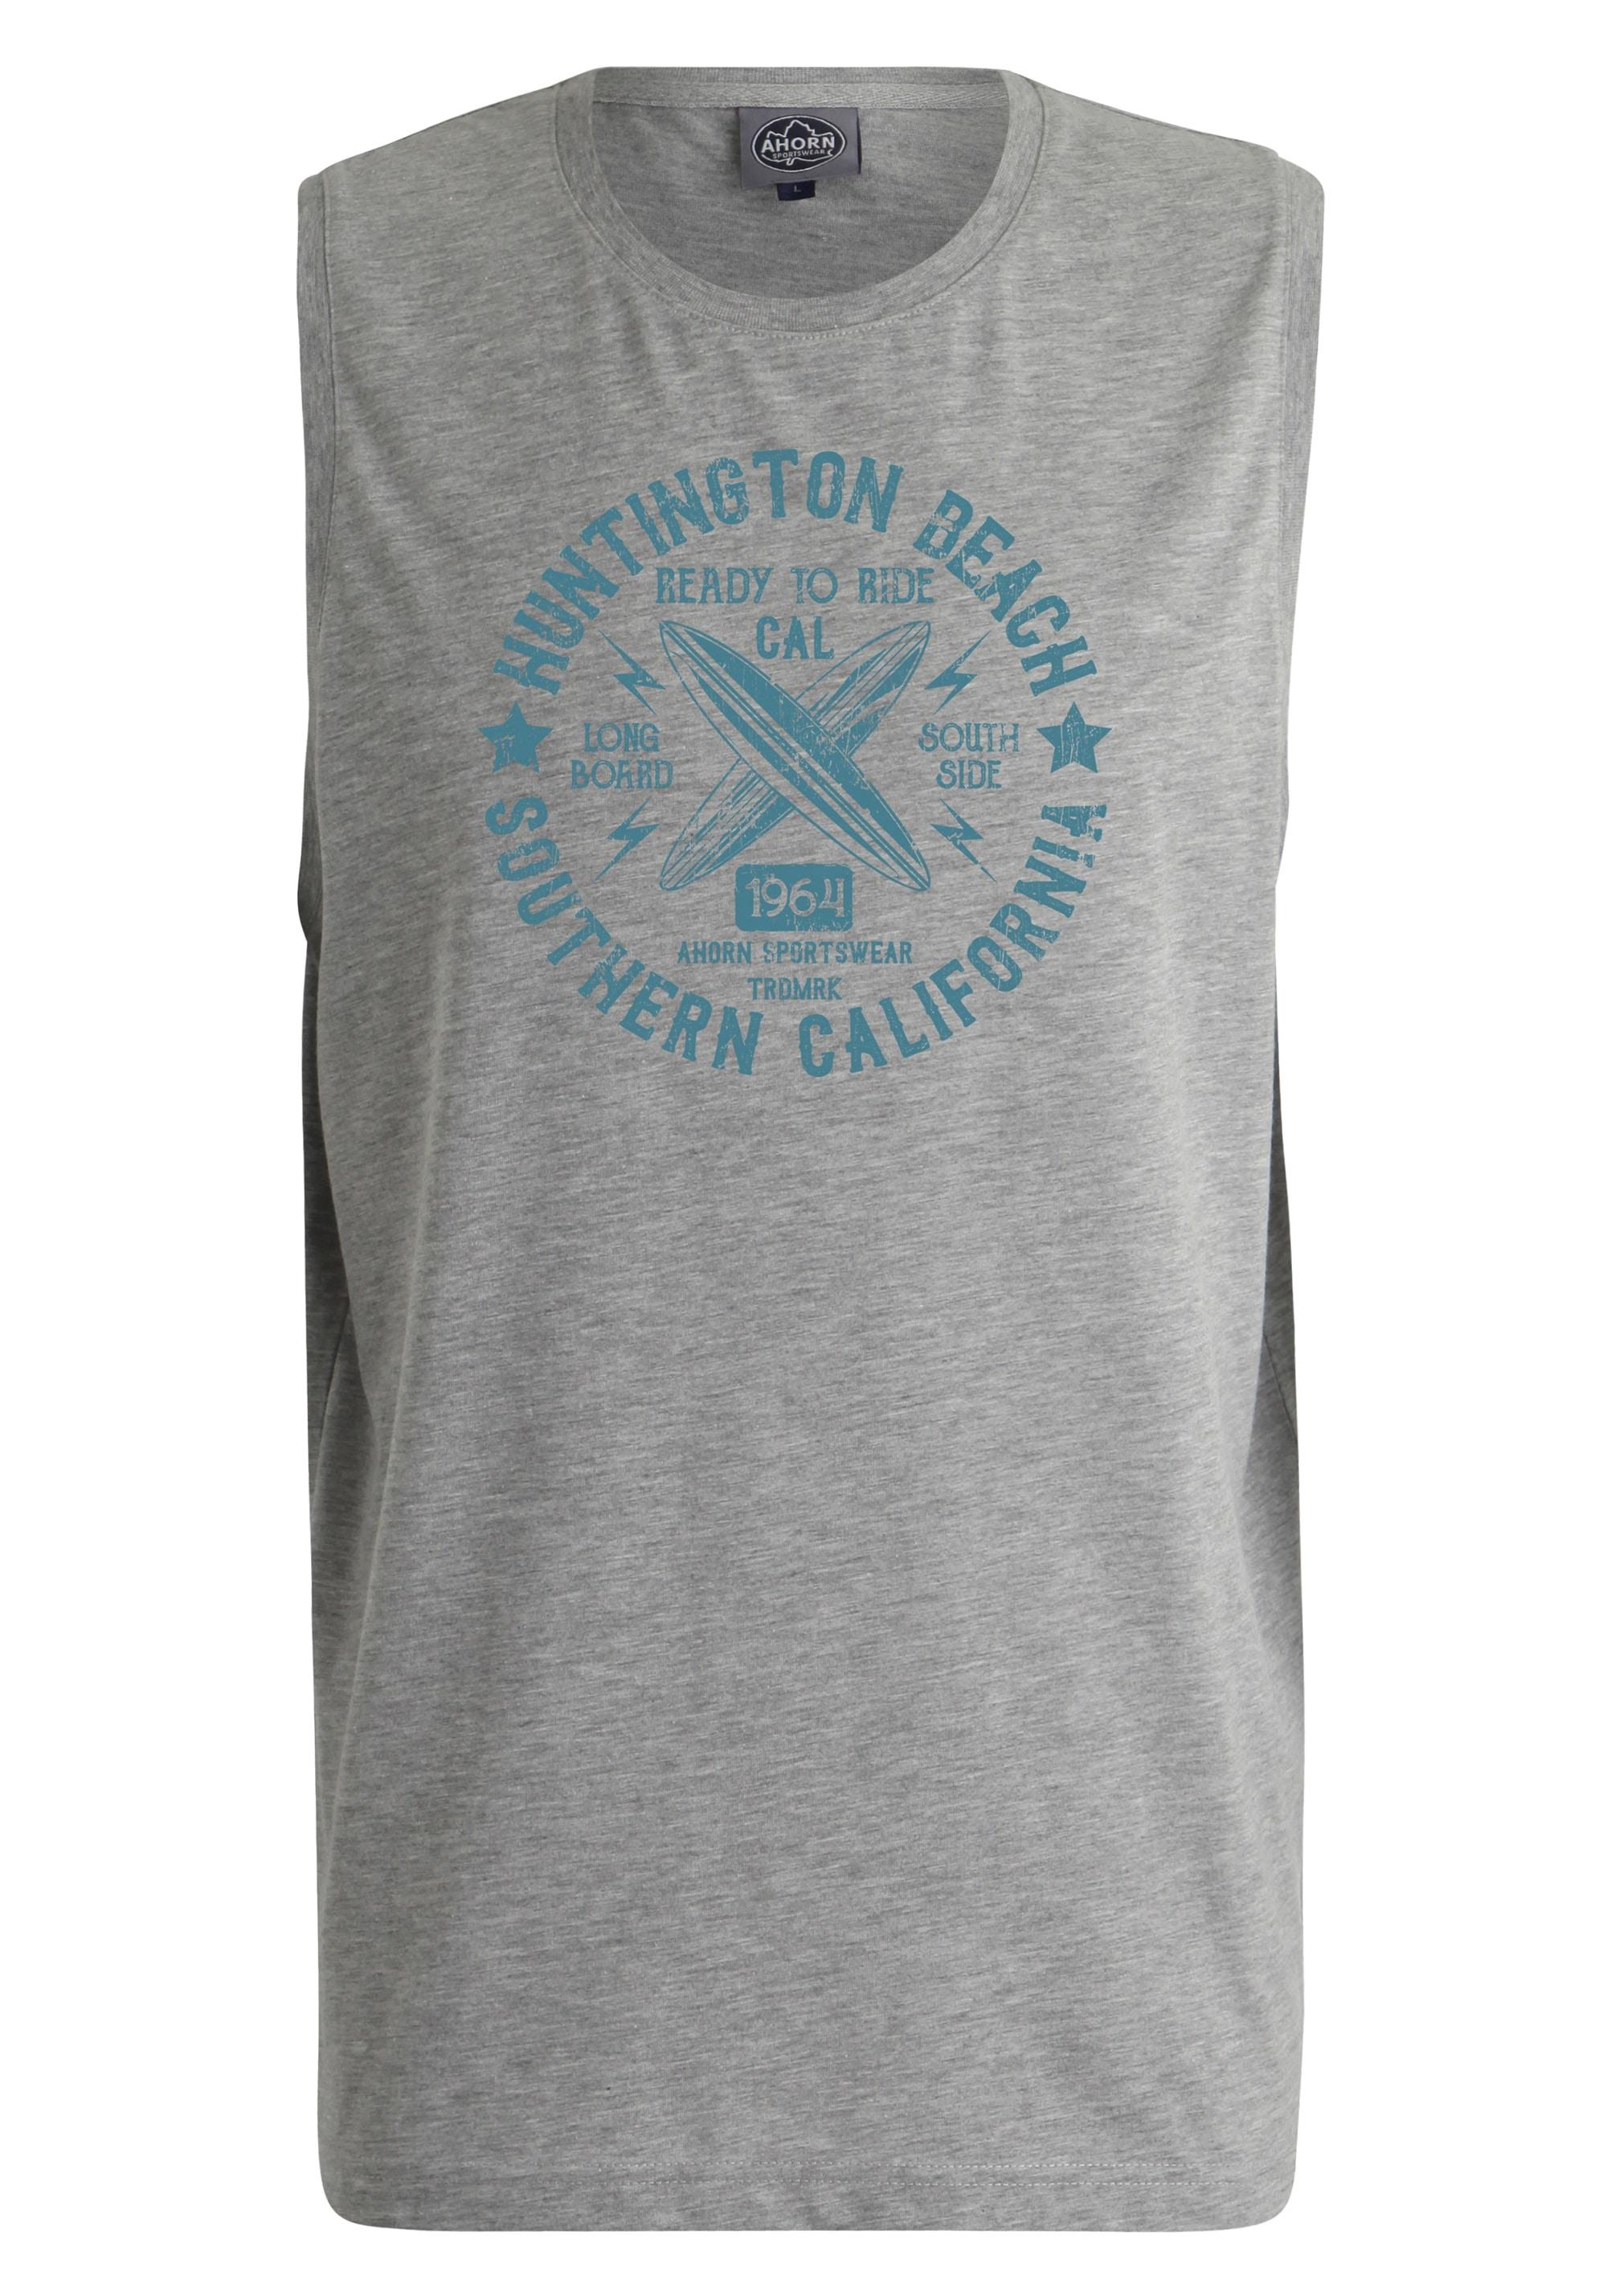 ahorn sportswear -  Tanktop mit Surfer-Print